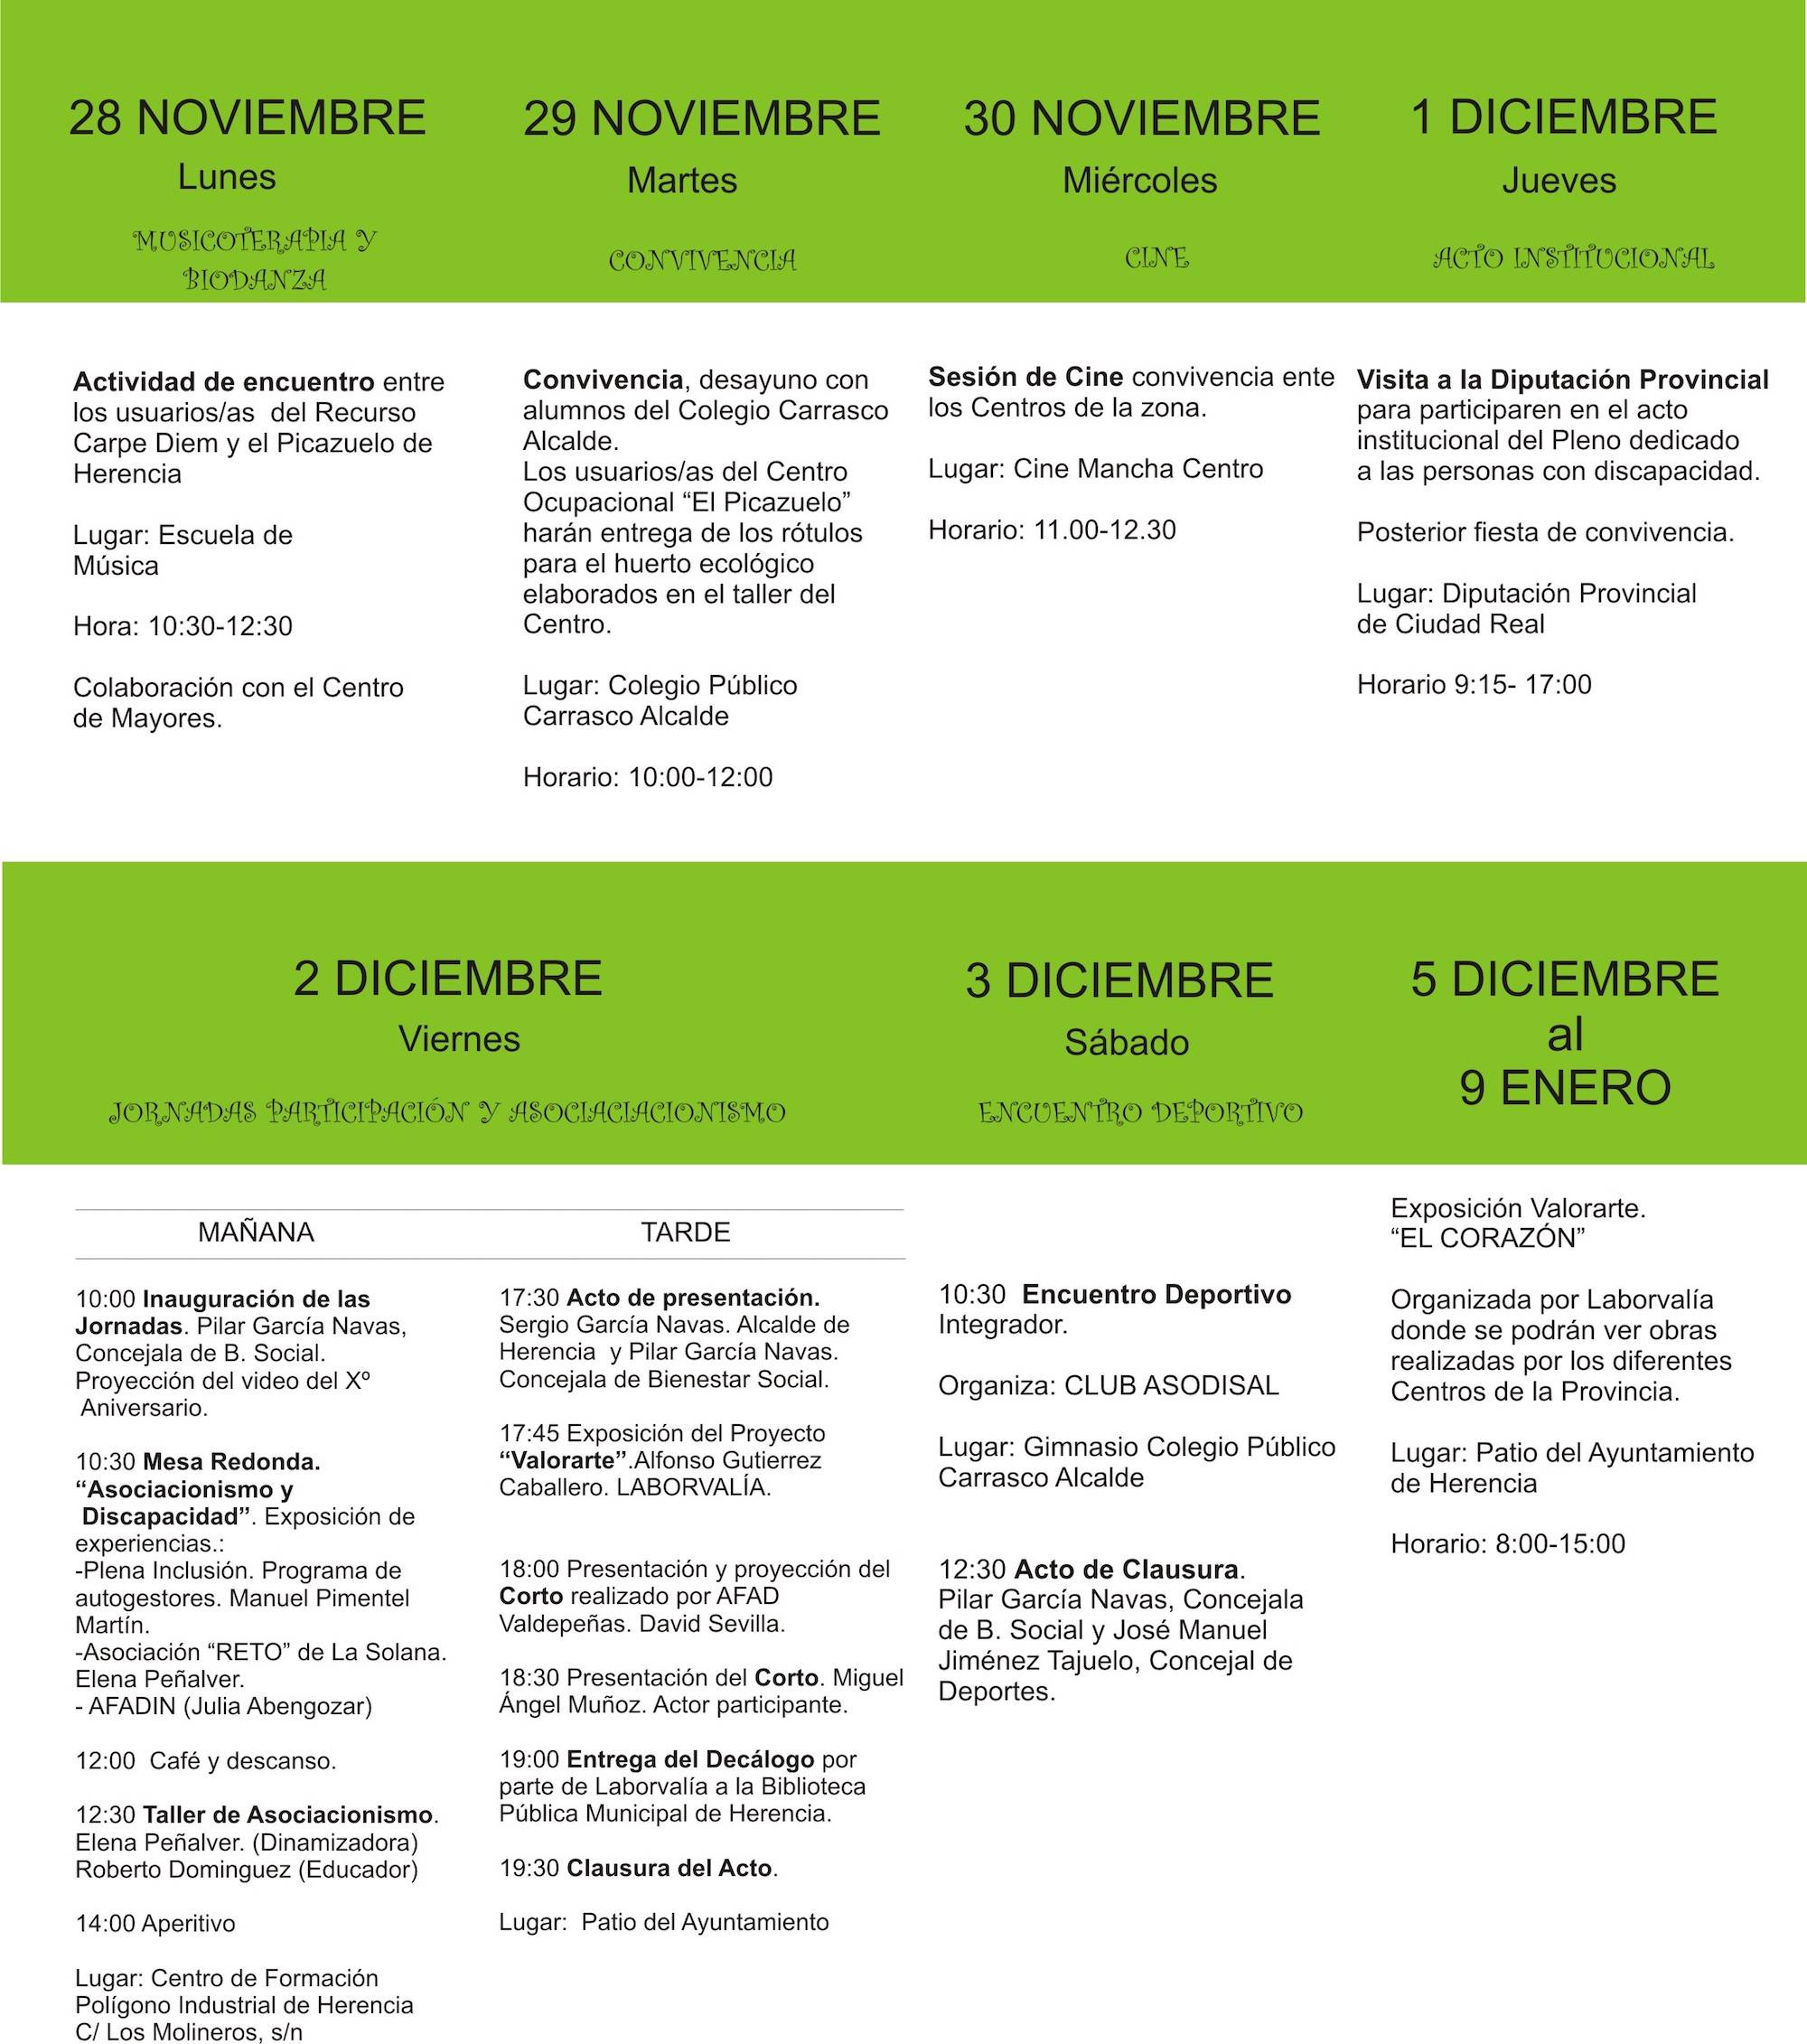 programa-de-jornadas-sobre-capacidades-diferentes